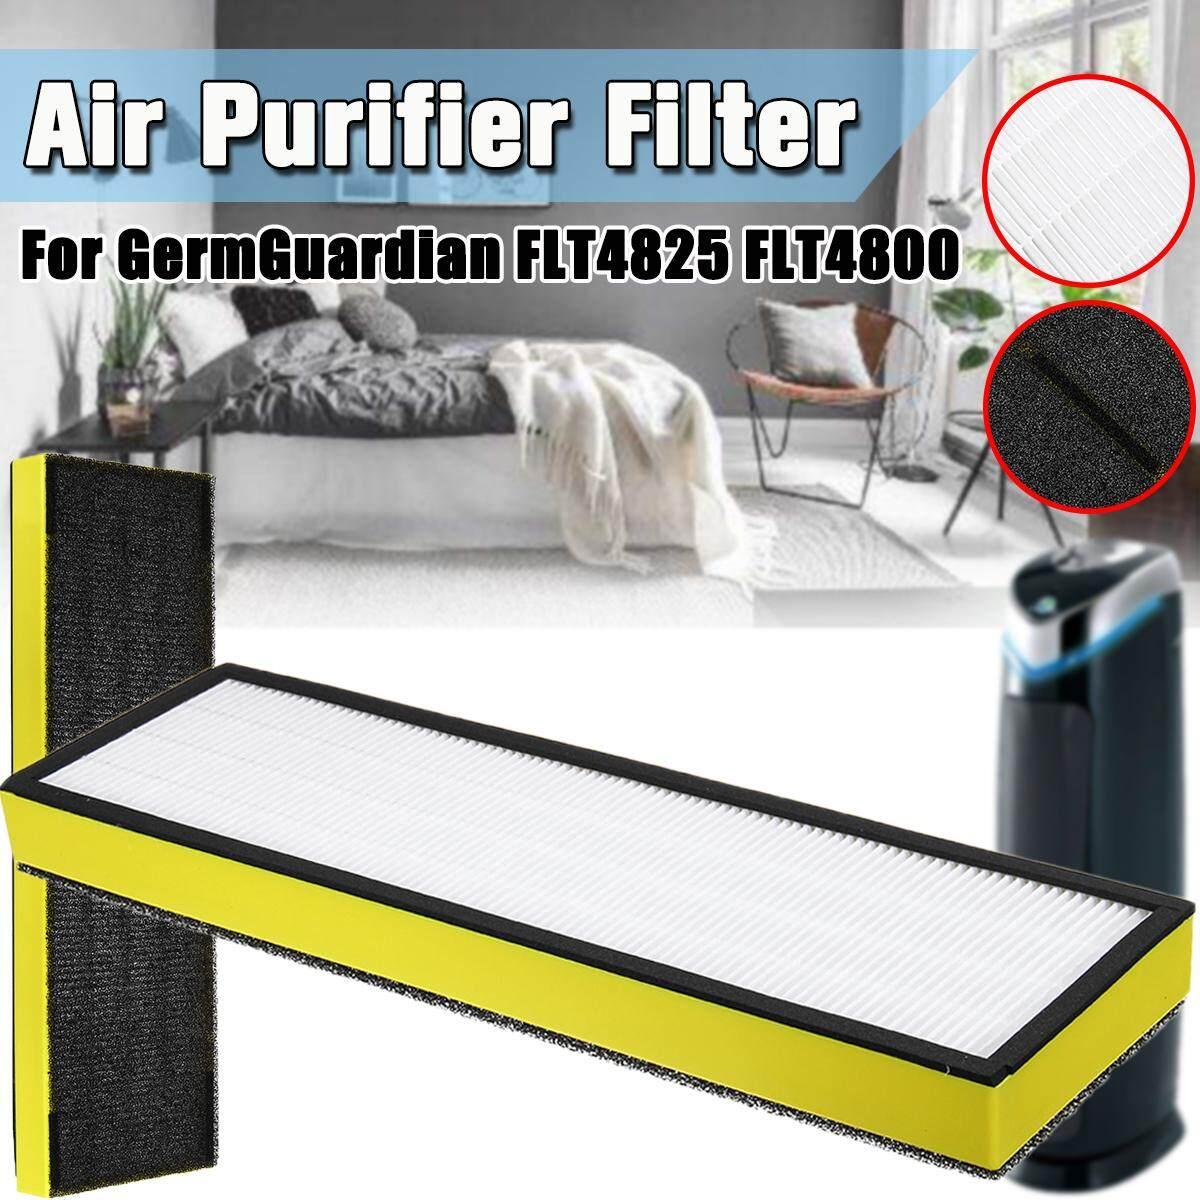 Máy Lọc không khí Lọc HEPA Lọc Thay Thế Cho Germguardian FLT4825 FLT4800